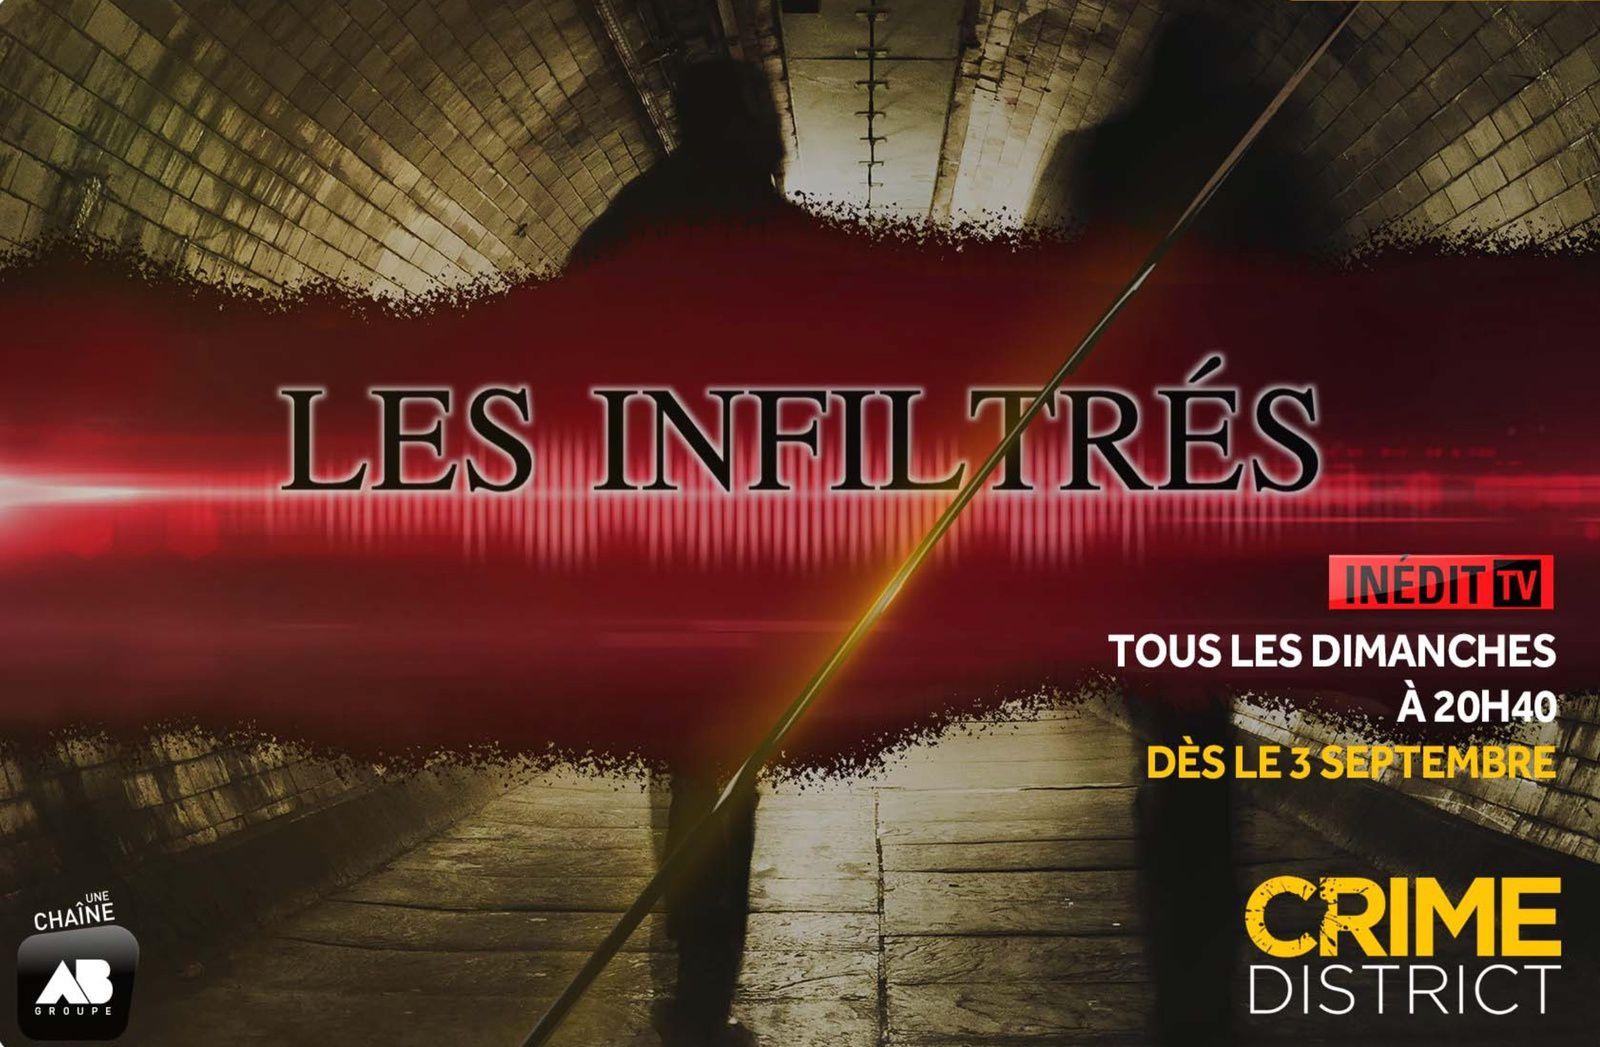 La série inédite Les Infiltrés diffusée dès ce dimanche soir.